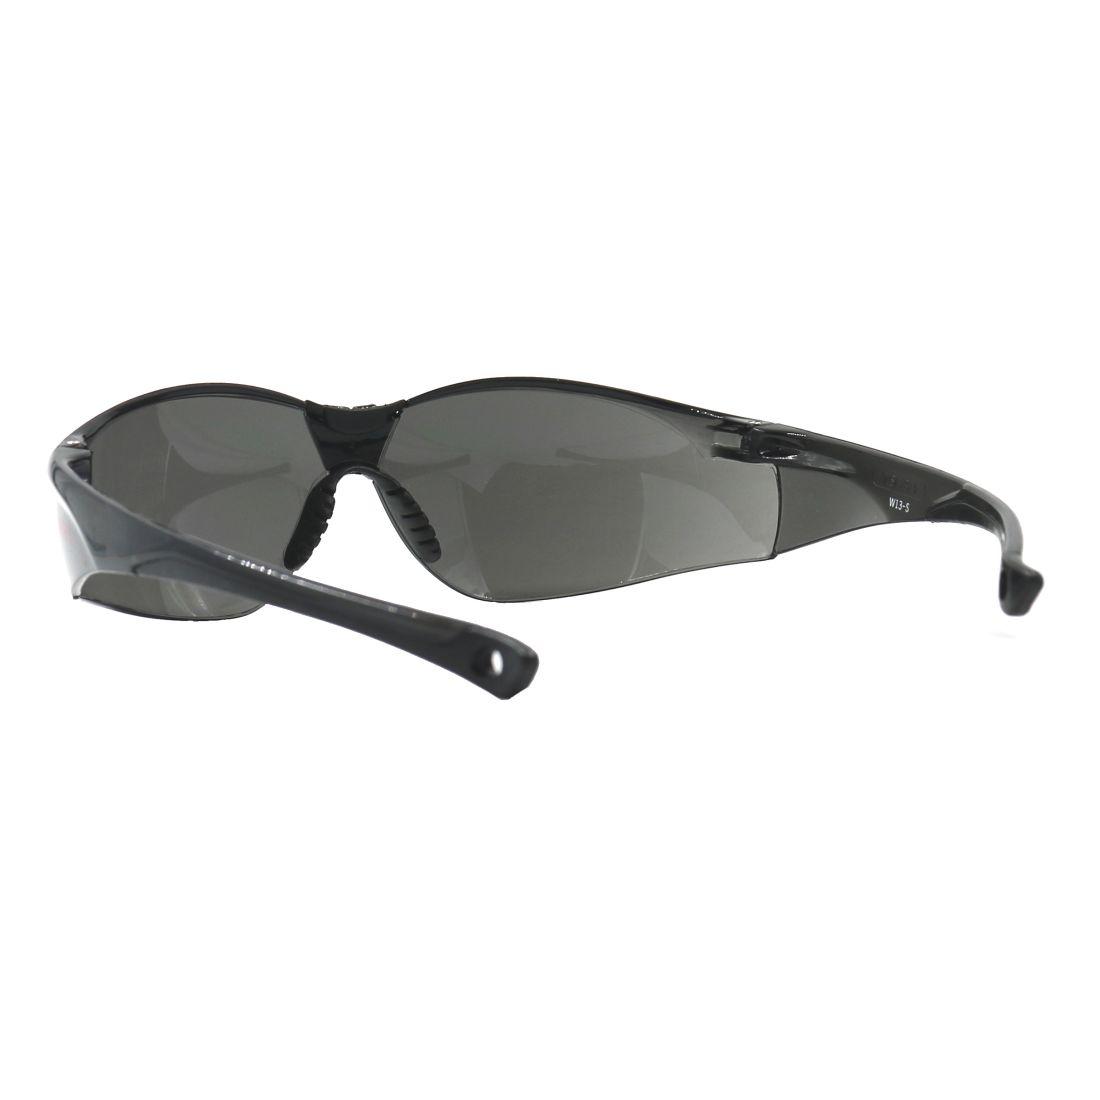 Kính mát, mắt kính bảo hộ đi đường chống chói W13 S, bảo vệ mắt